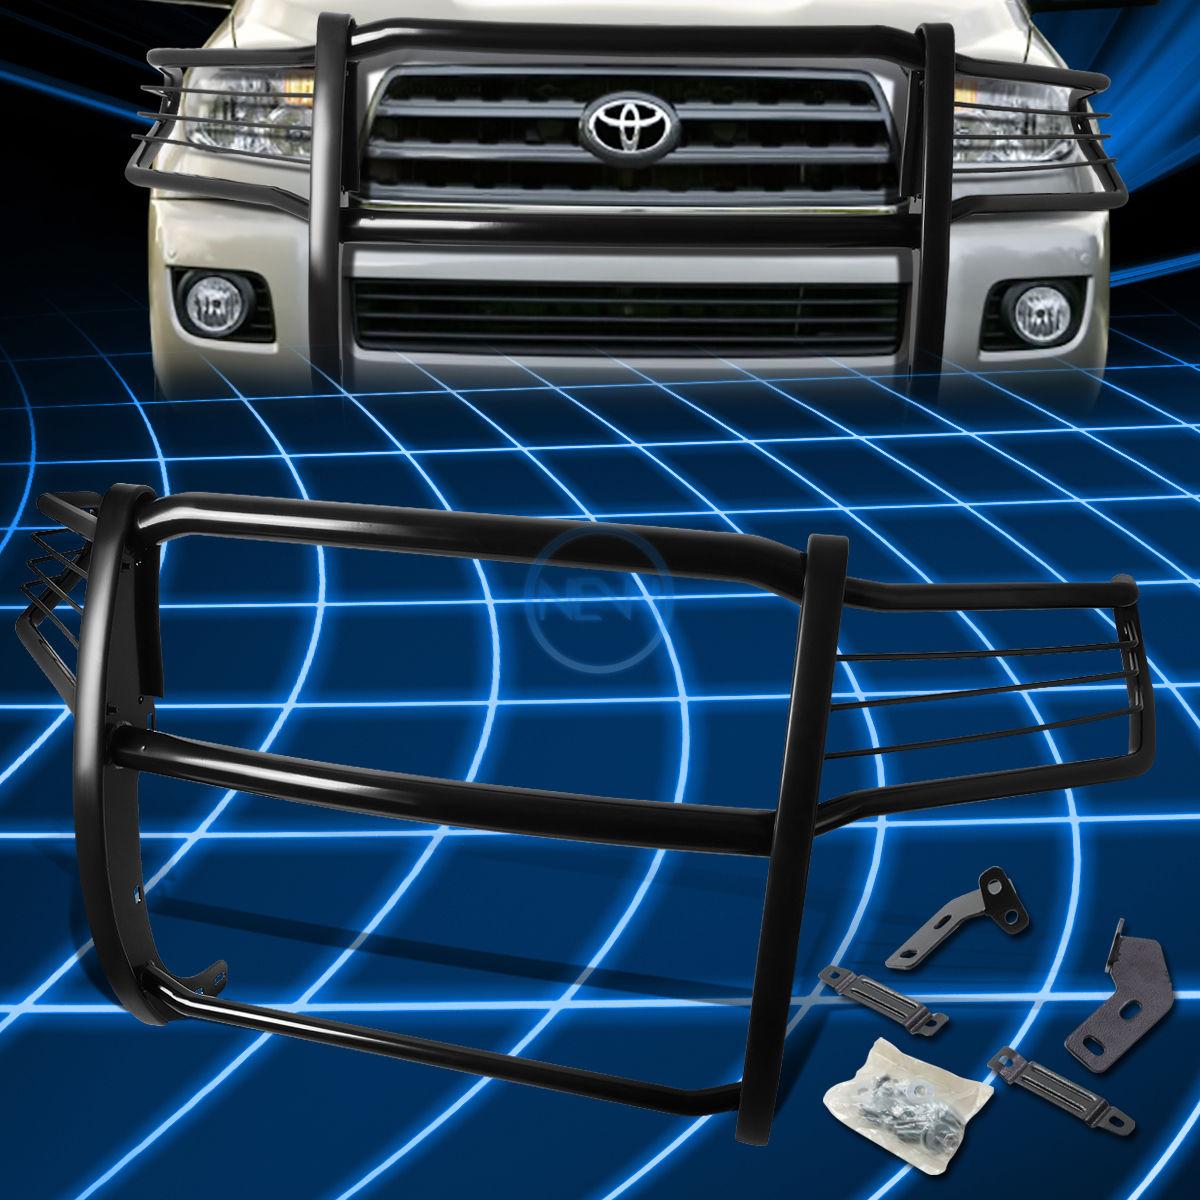 グリル ブラックブラシバンパープロテクターグリルガード2008-2016トヨタセコイア5dr SUV Black Brush Bumper Protector Grille Guard for 2008-2016 Toyota Sequoia 5dr SUV